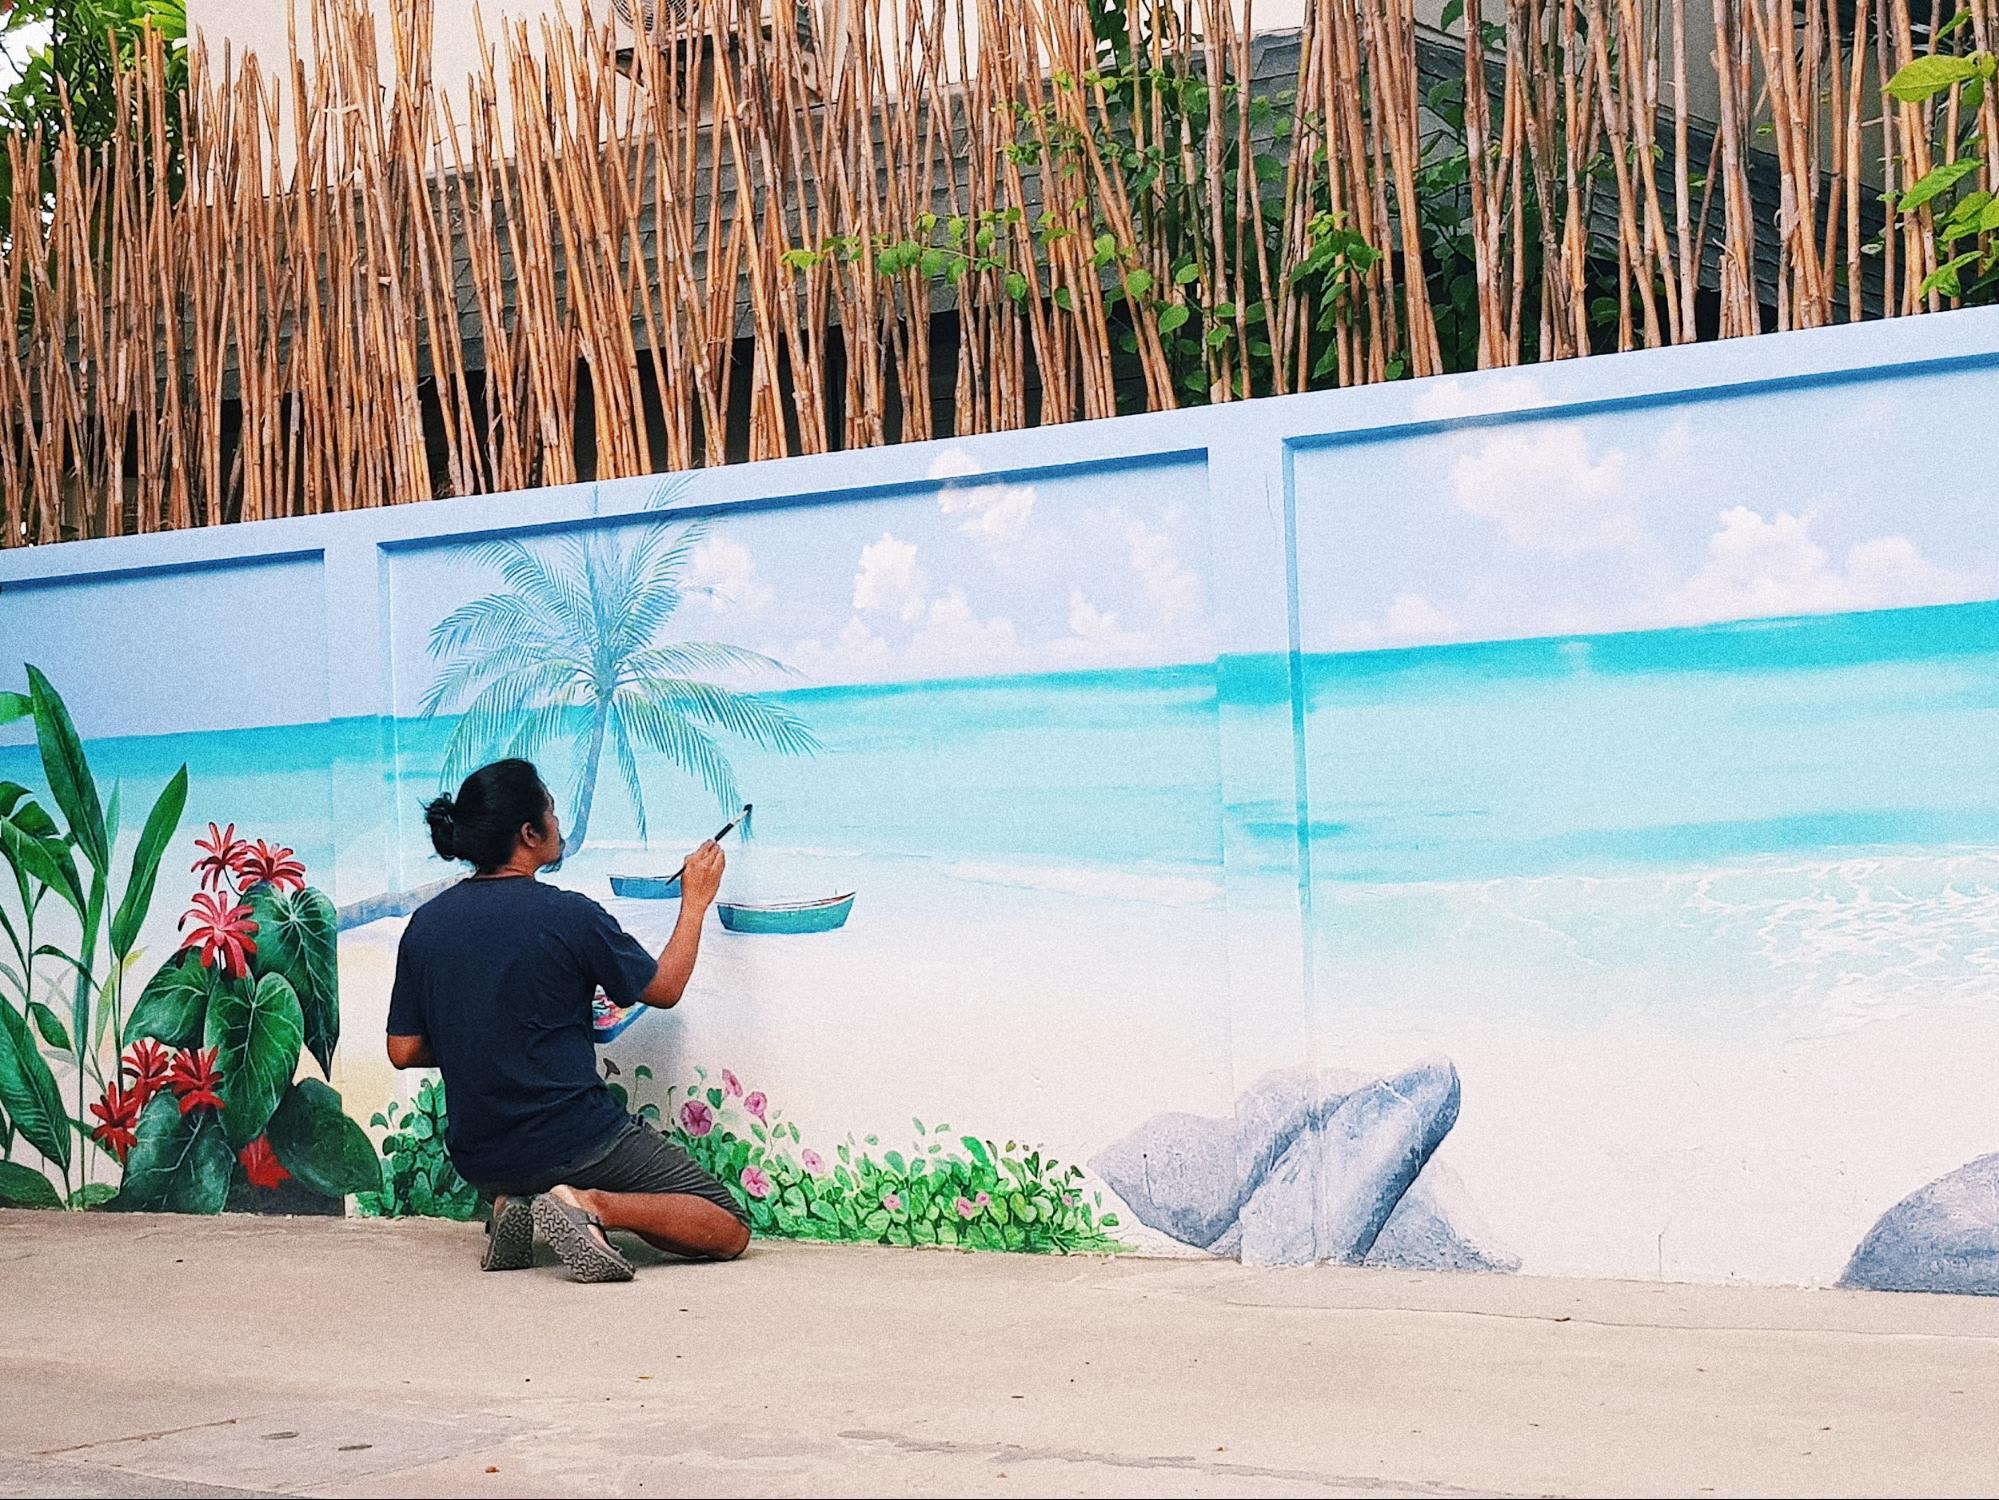 vẽ tranh tường tại khách sạn de paskani